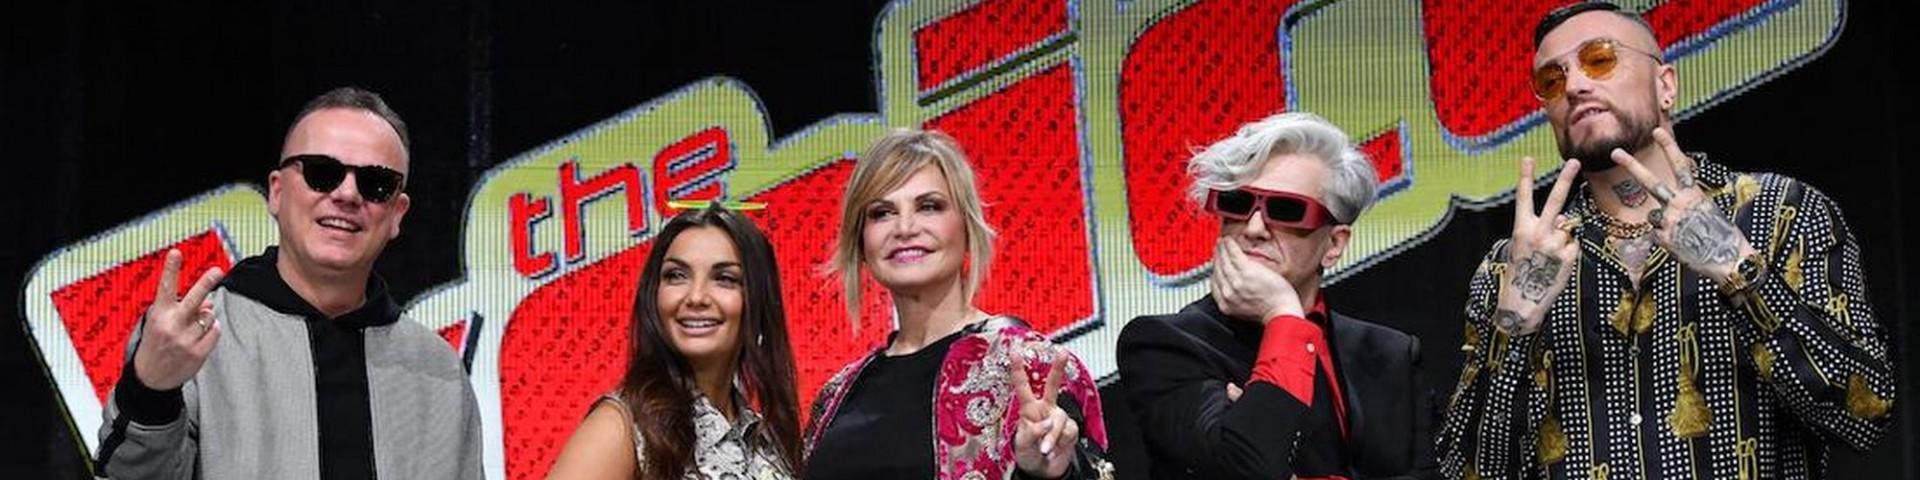 Stasera in tv - 30 maggio: da The Voice a All Together Now, tutti i programmi